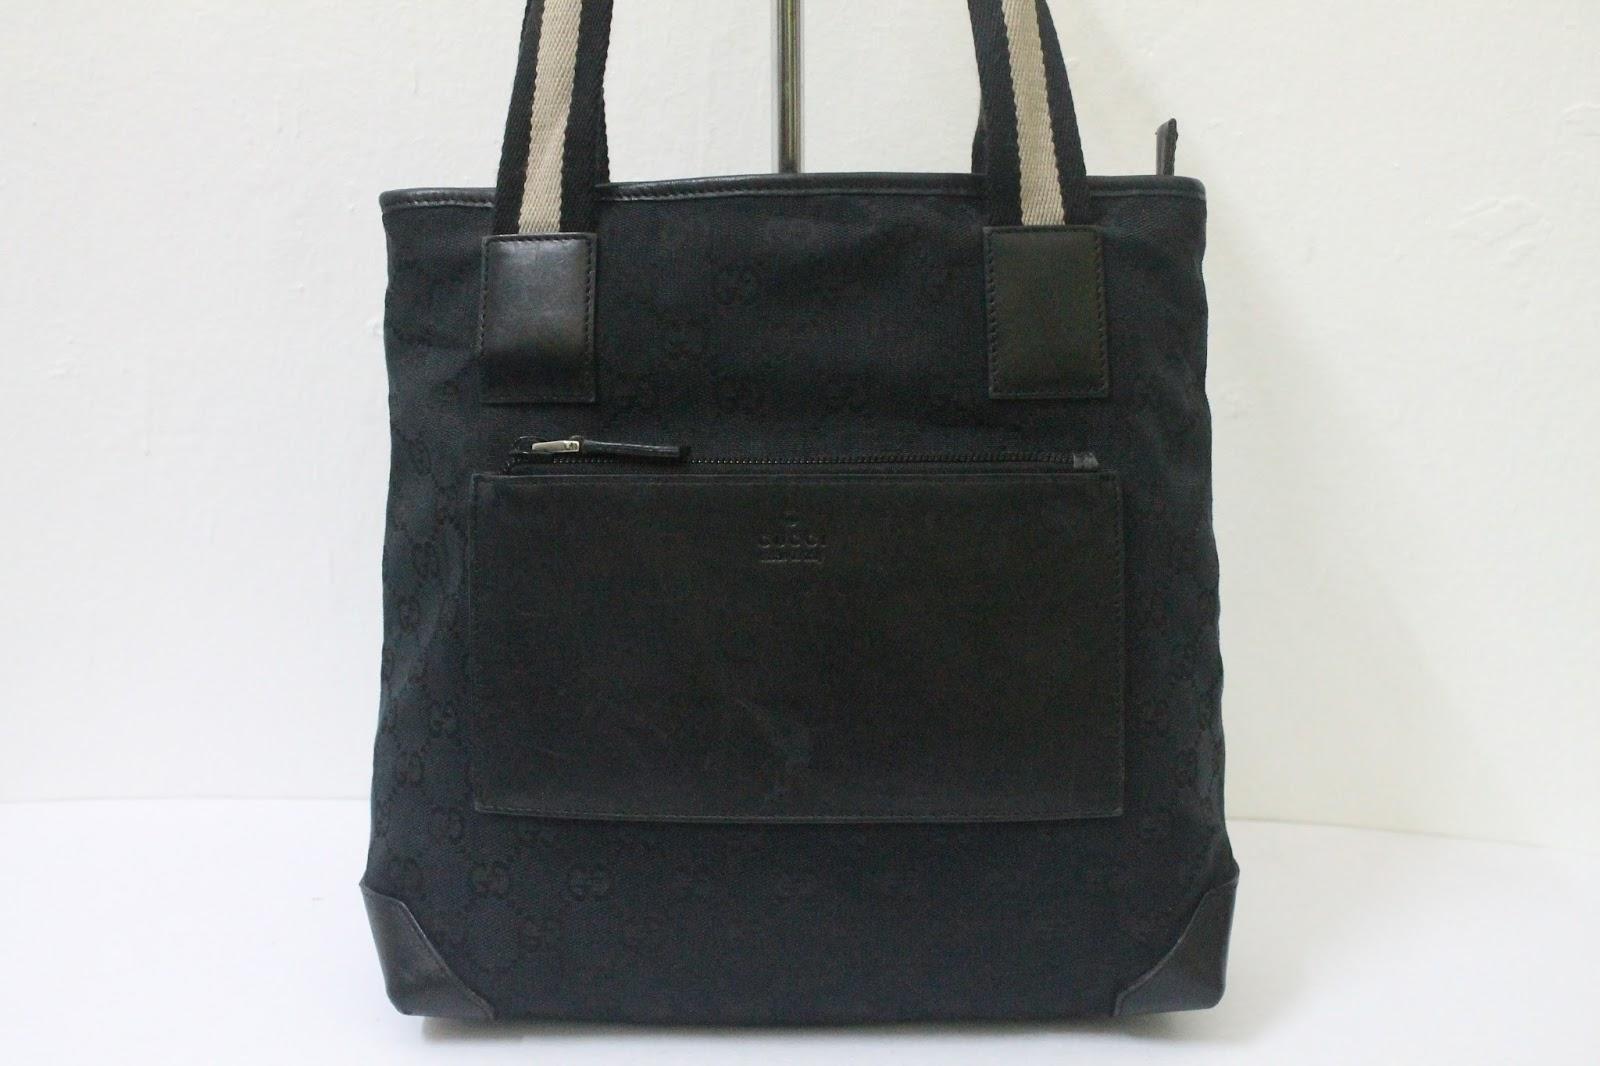 bundlebarangbaek authentic gucci monogram tote bag sold out. Black Bedroom Furniture Sets. Home Design Ideas